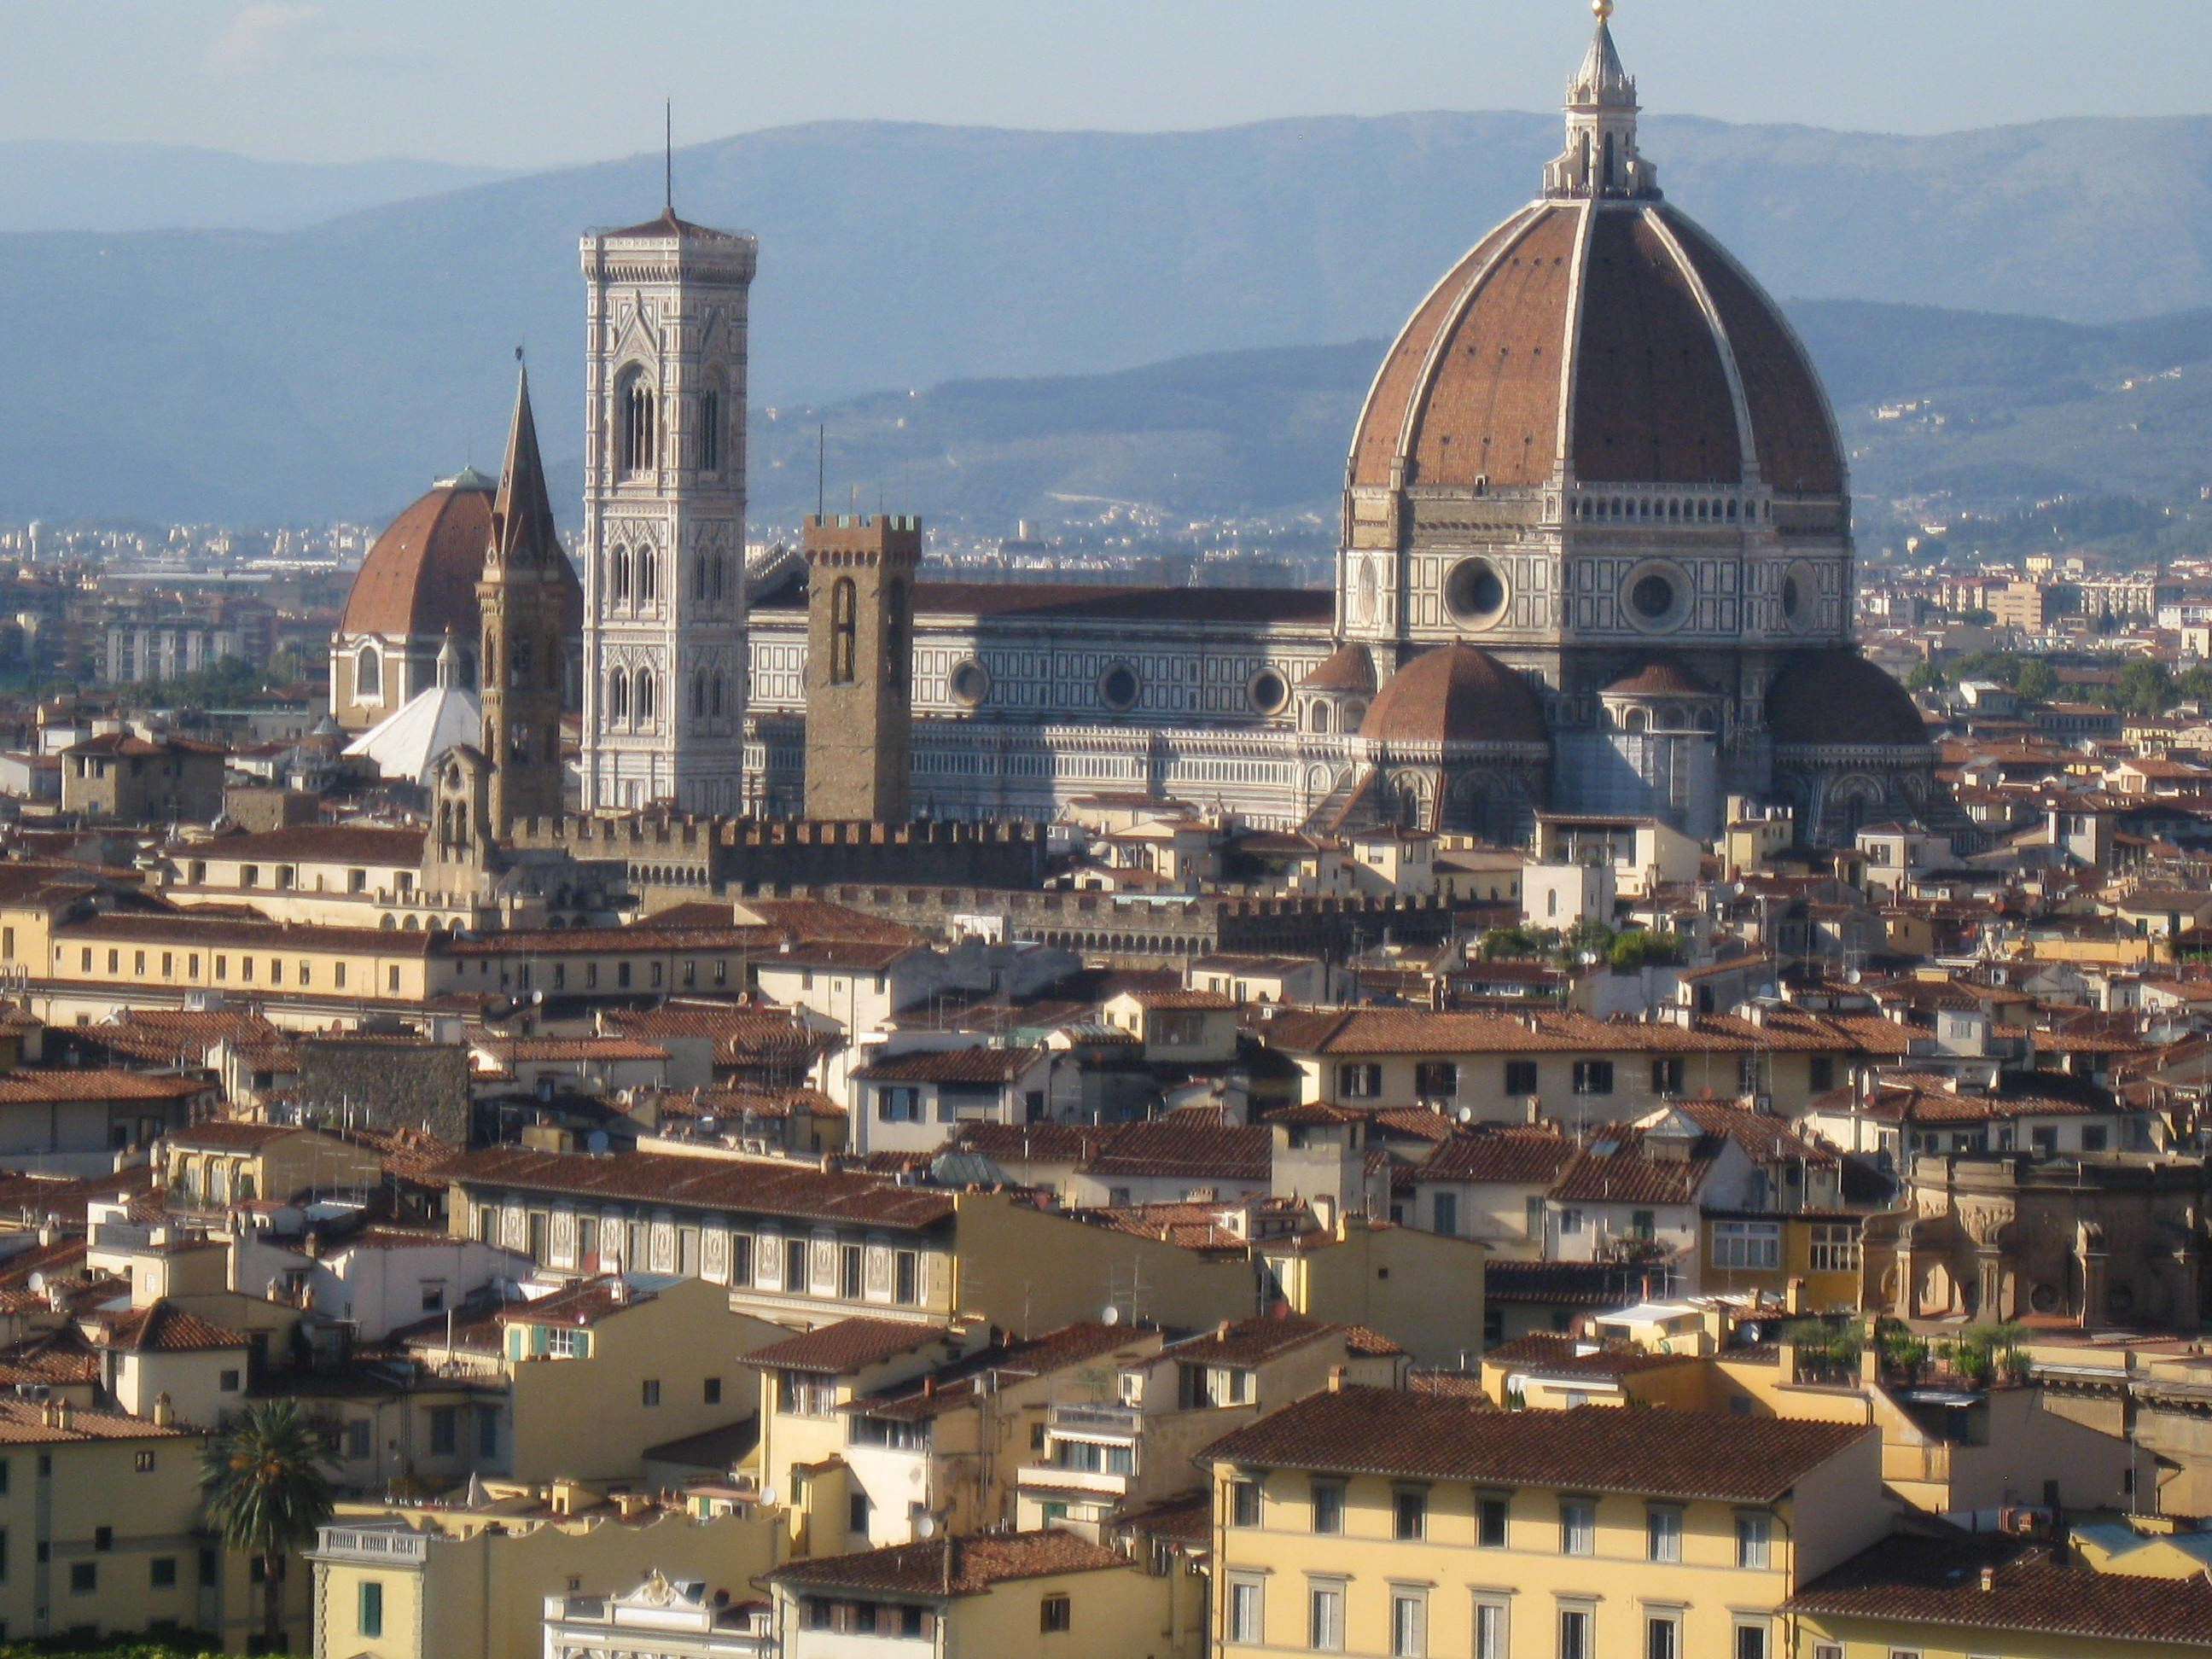 Piazza Della Signoria Casa Vacanze Con 8 Posti Letto In 4 Camere Firenze Toscana Italia